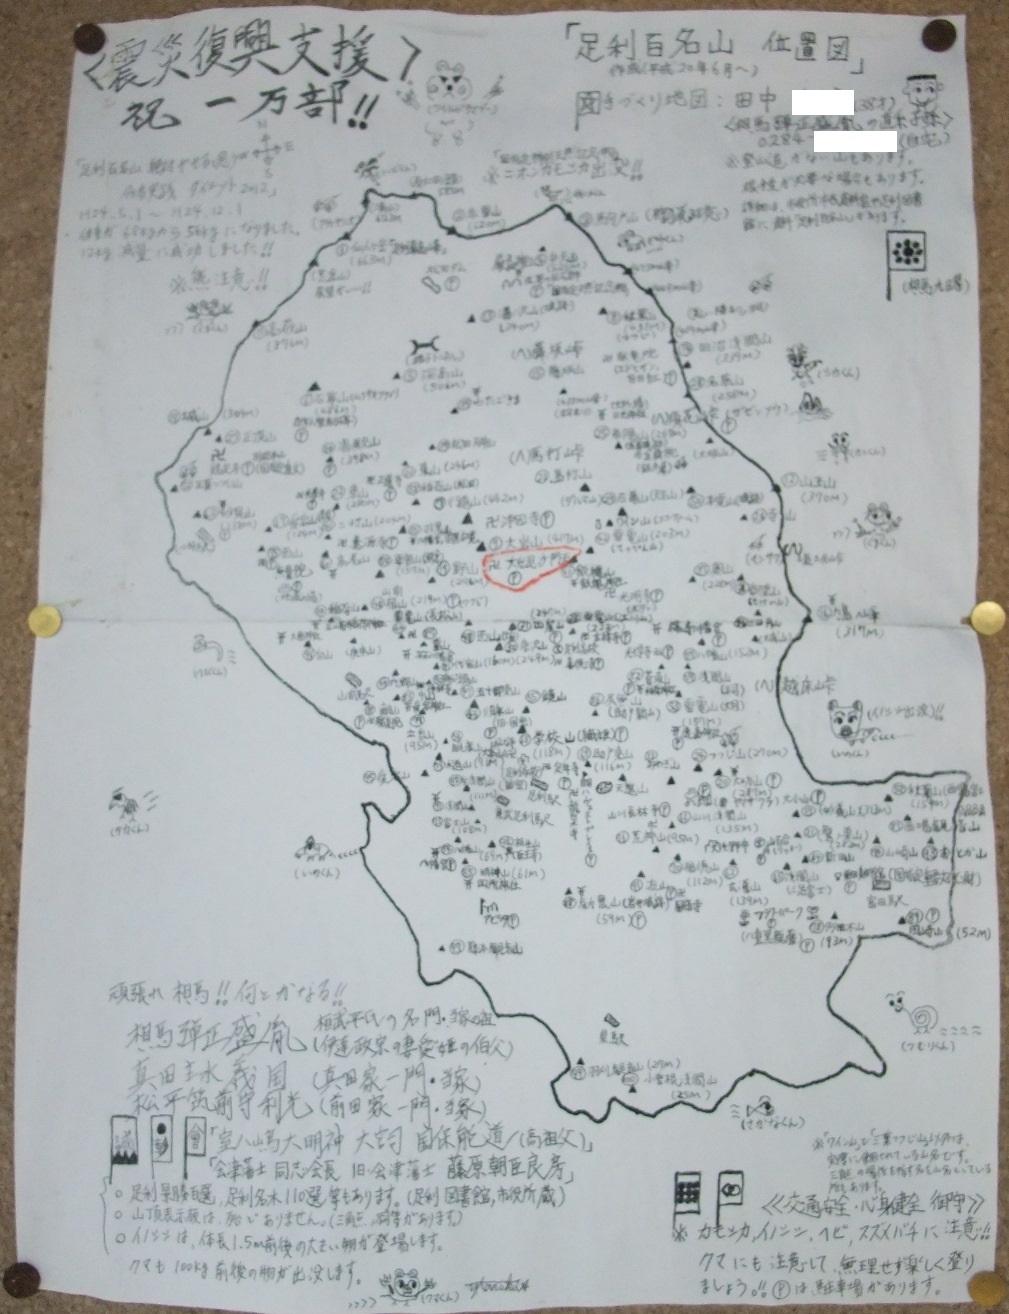 足利百名山地図(拡大図を追加しました)